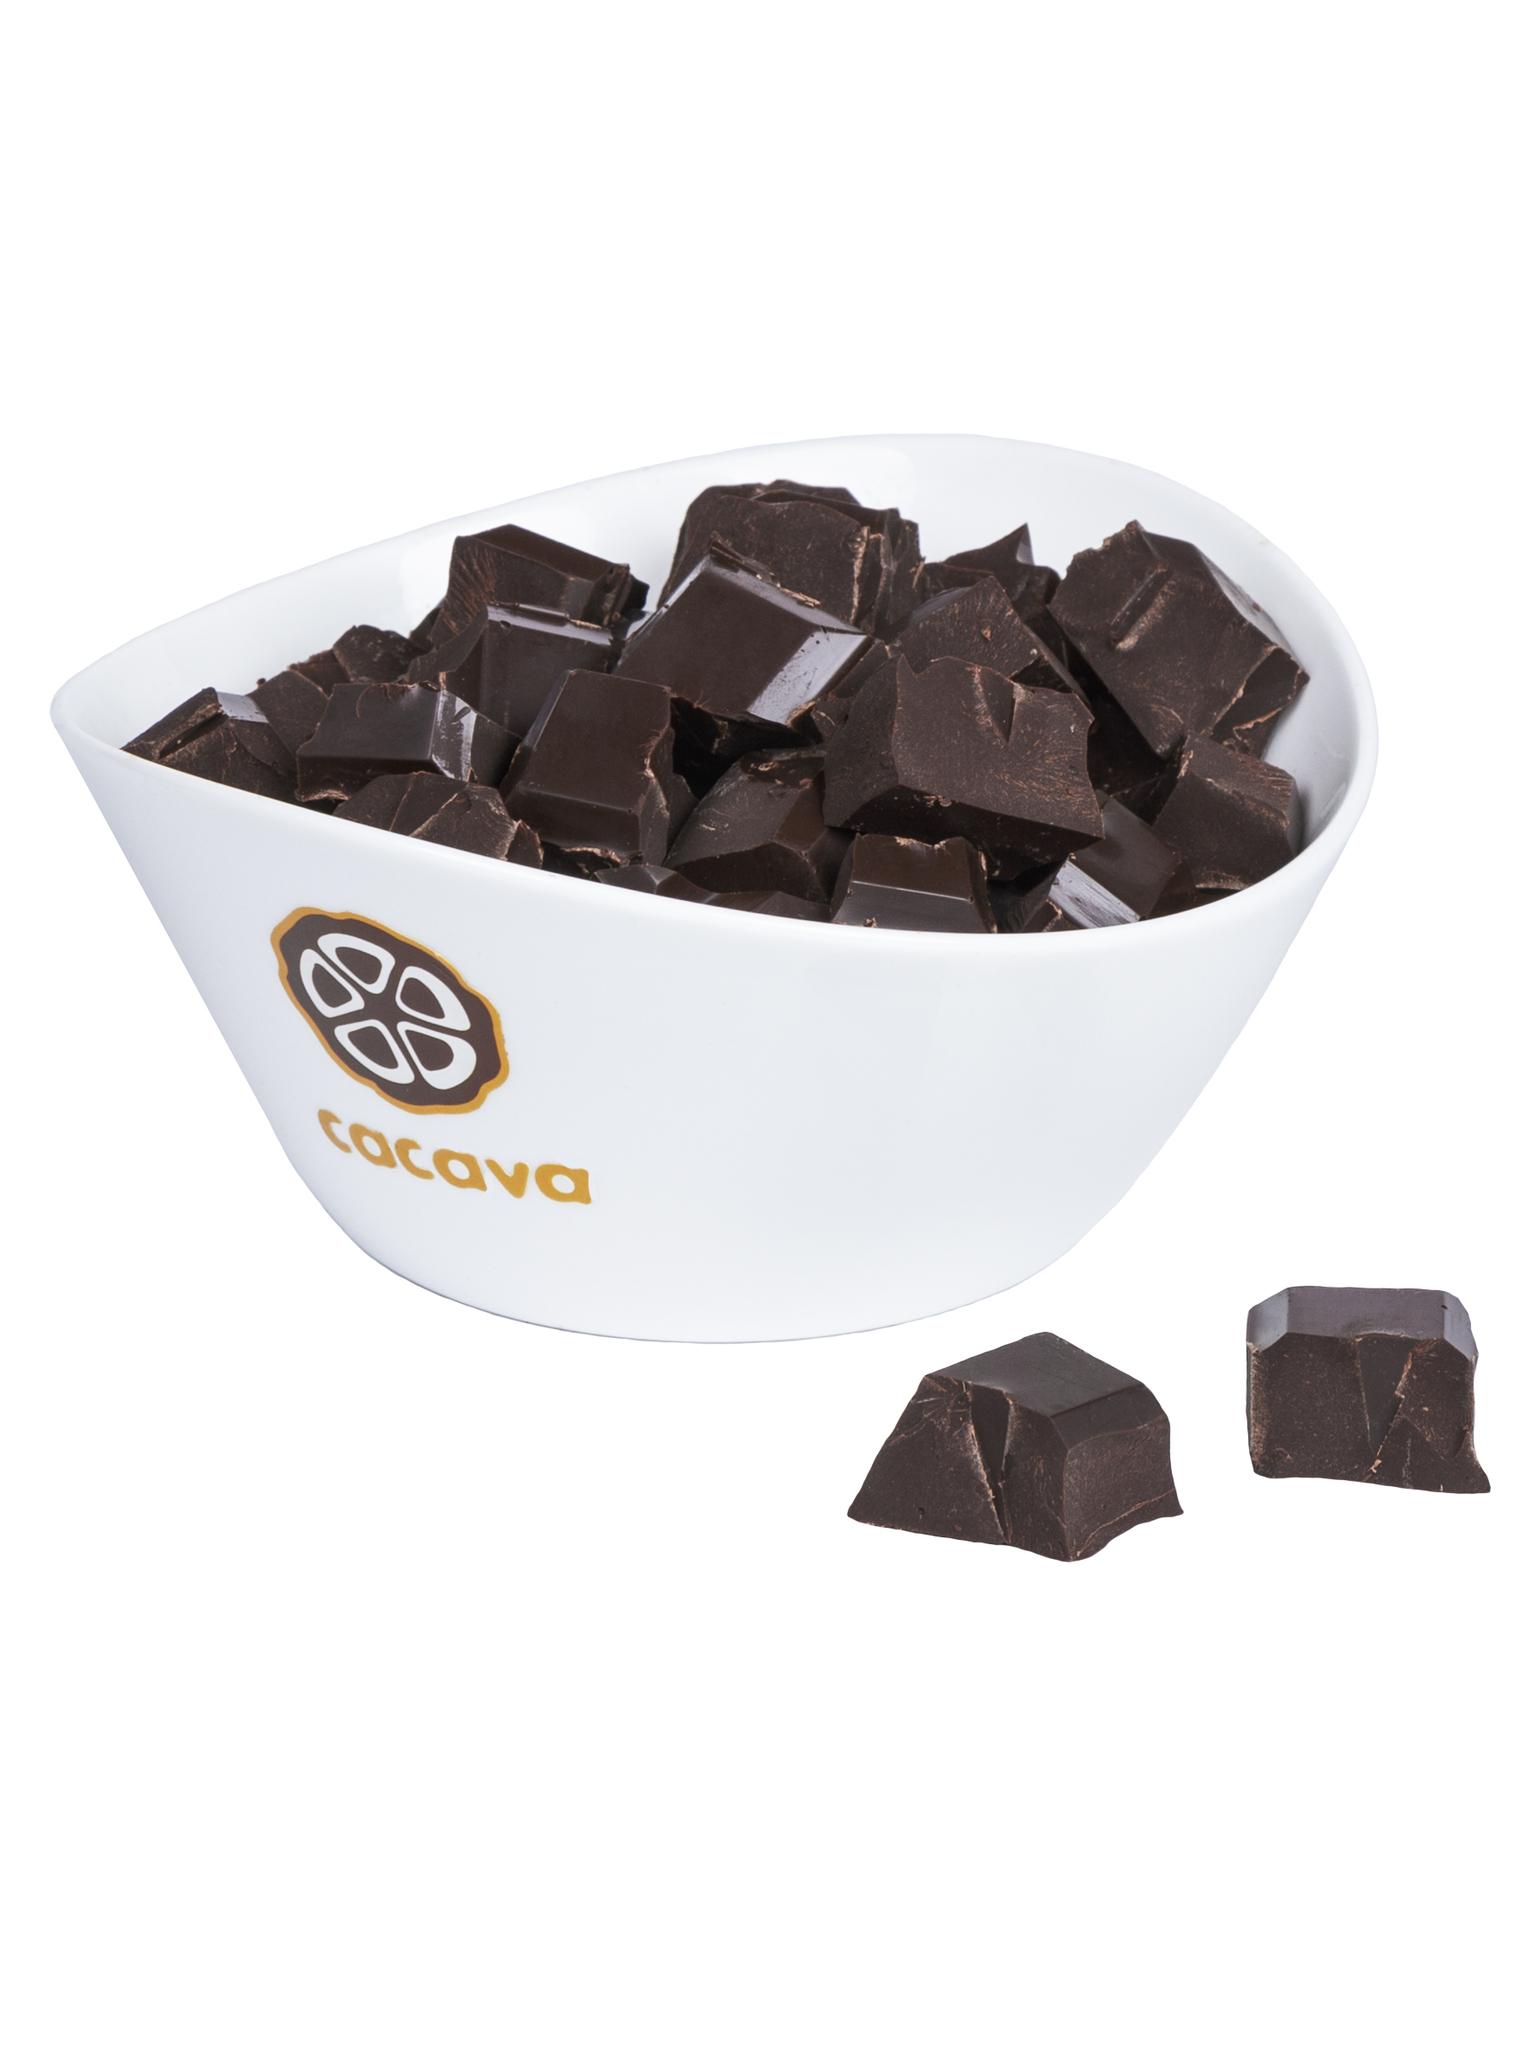 Тёмный шоколад 70 % какао (Перу, Amazonas), внешний вид